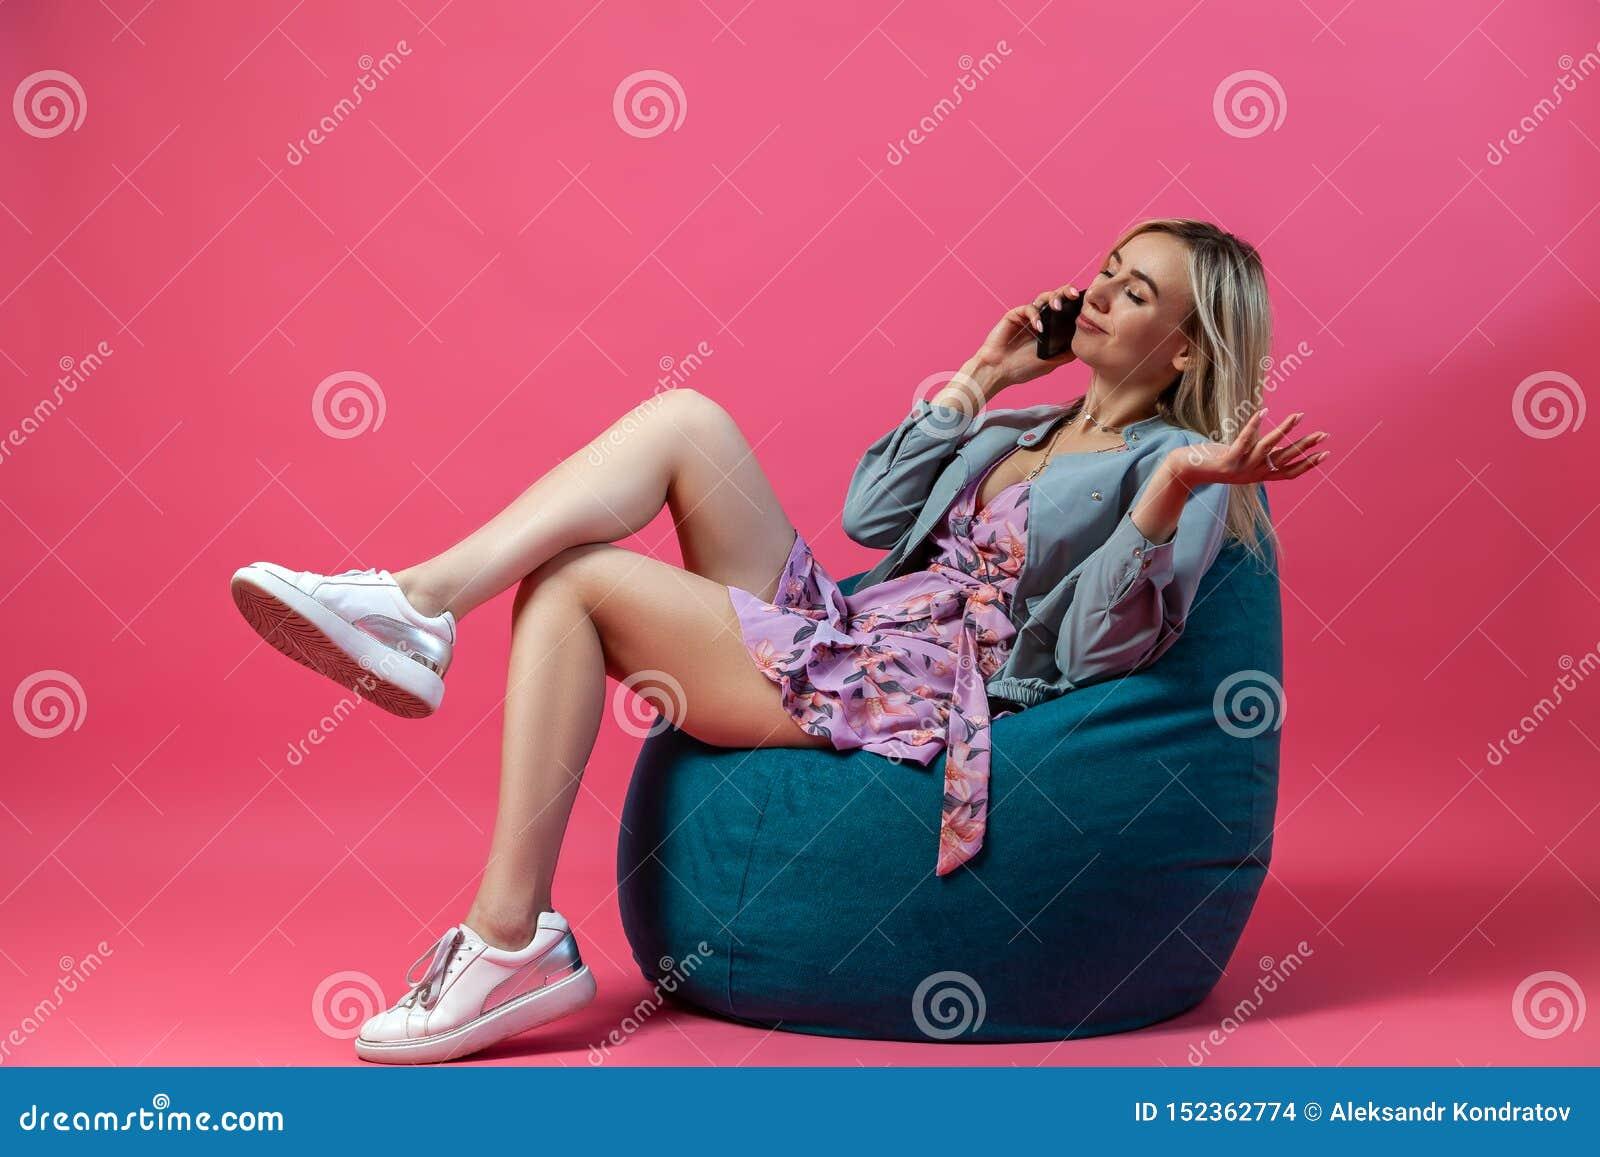 Красивая белокурая девушка в синем пиджаке и пурпурные sundress сидит на зеленом изолированном стуле сумки с ее ногами сложенными